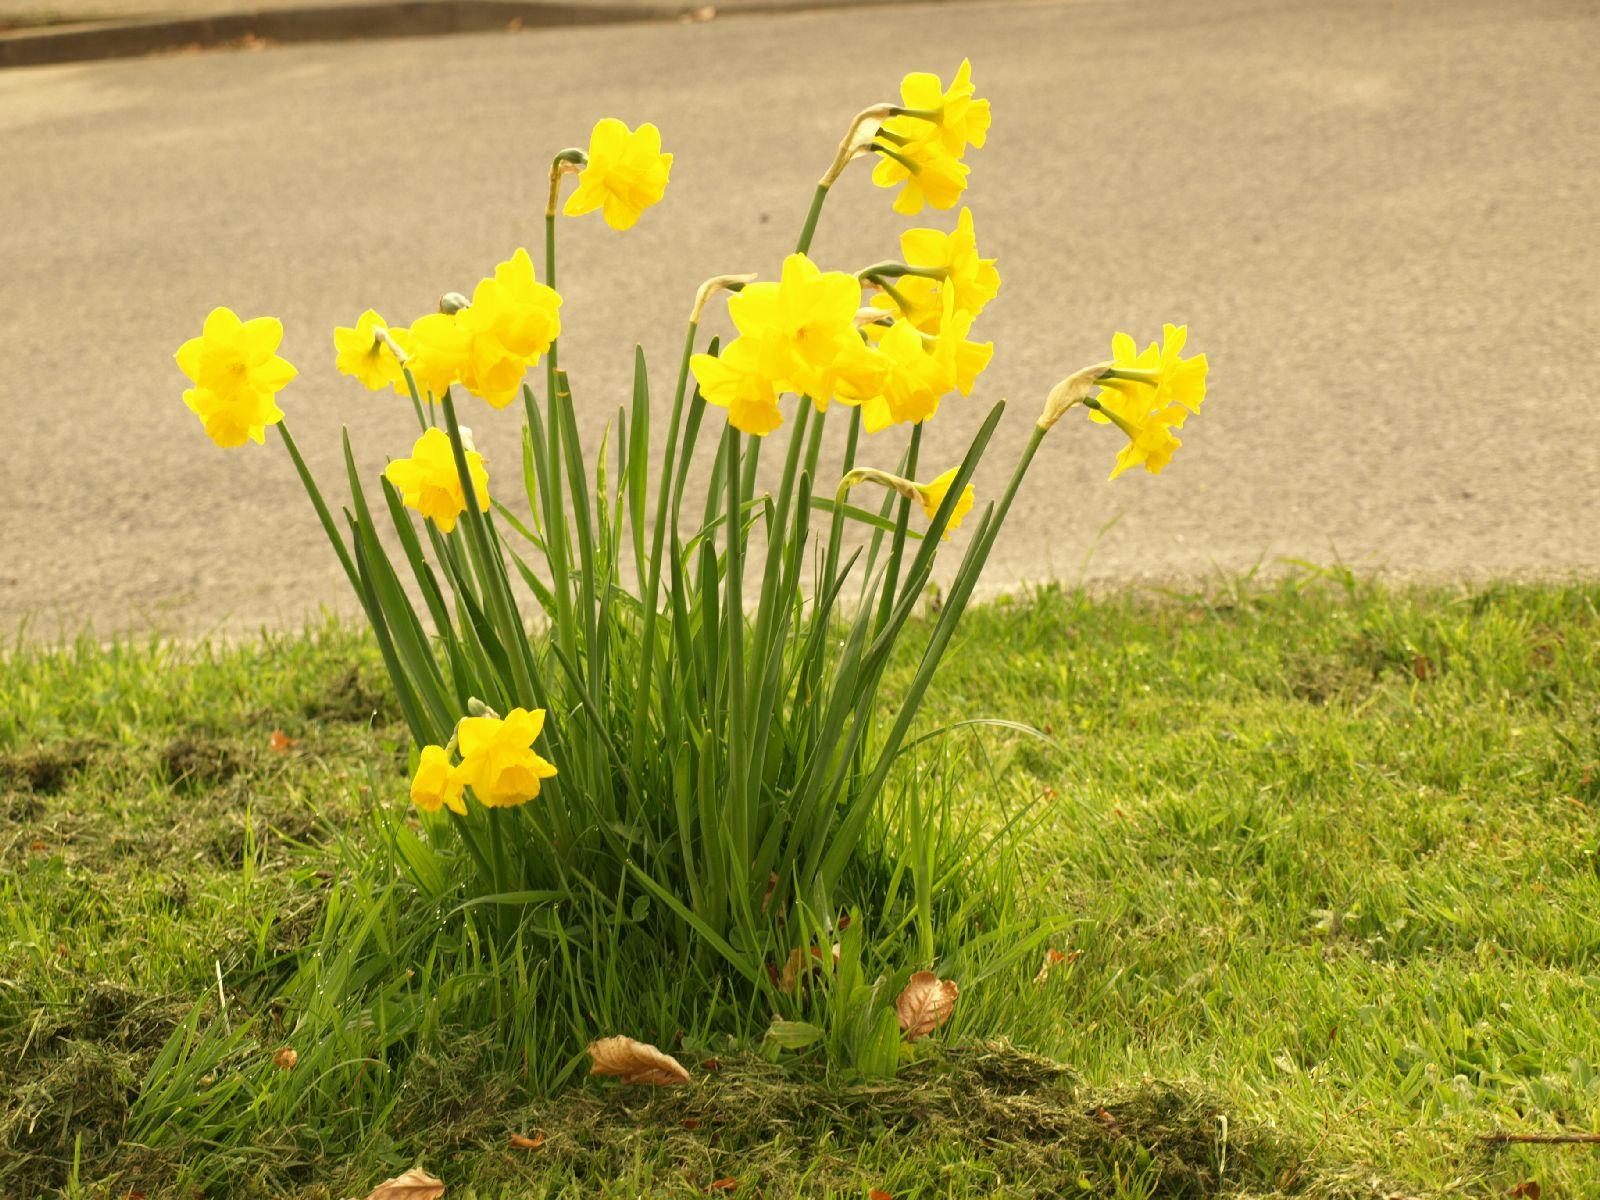 Pflanzen-Blumen-Foto_Textur_B_P4232680